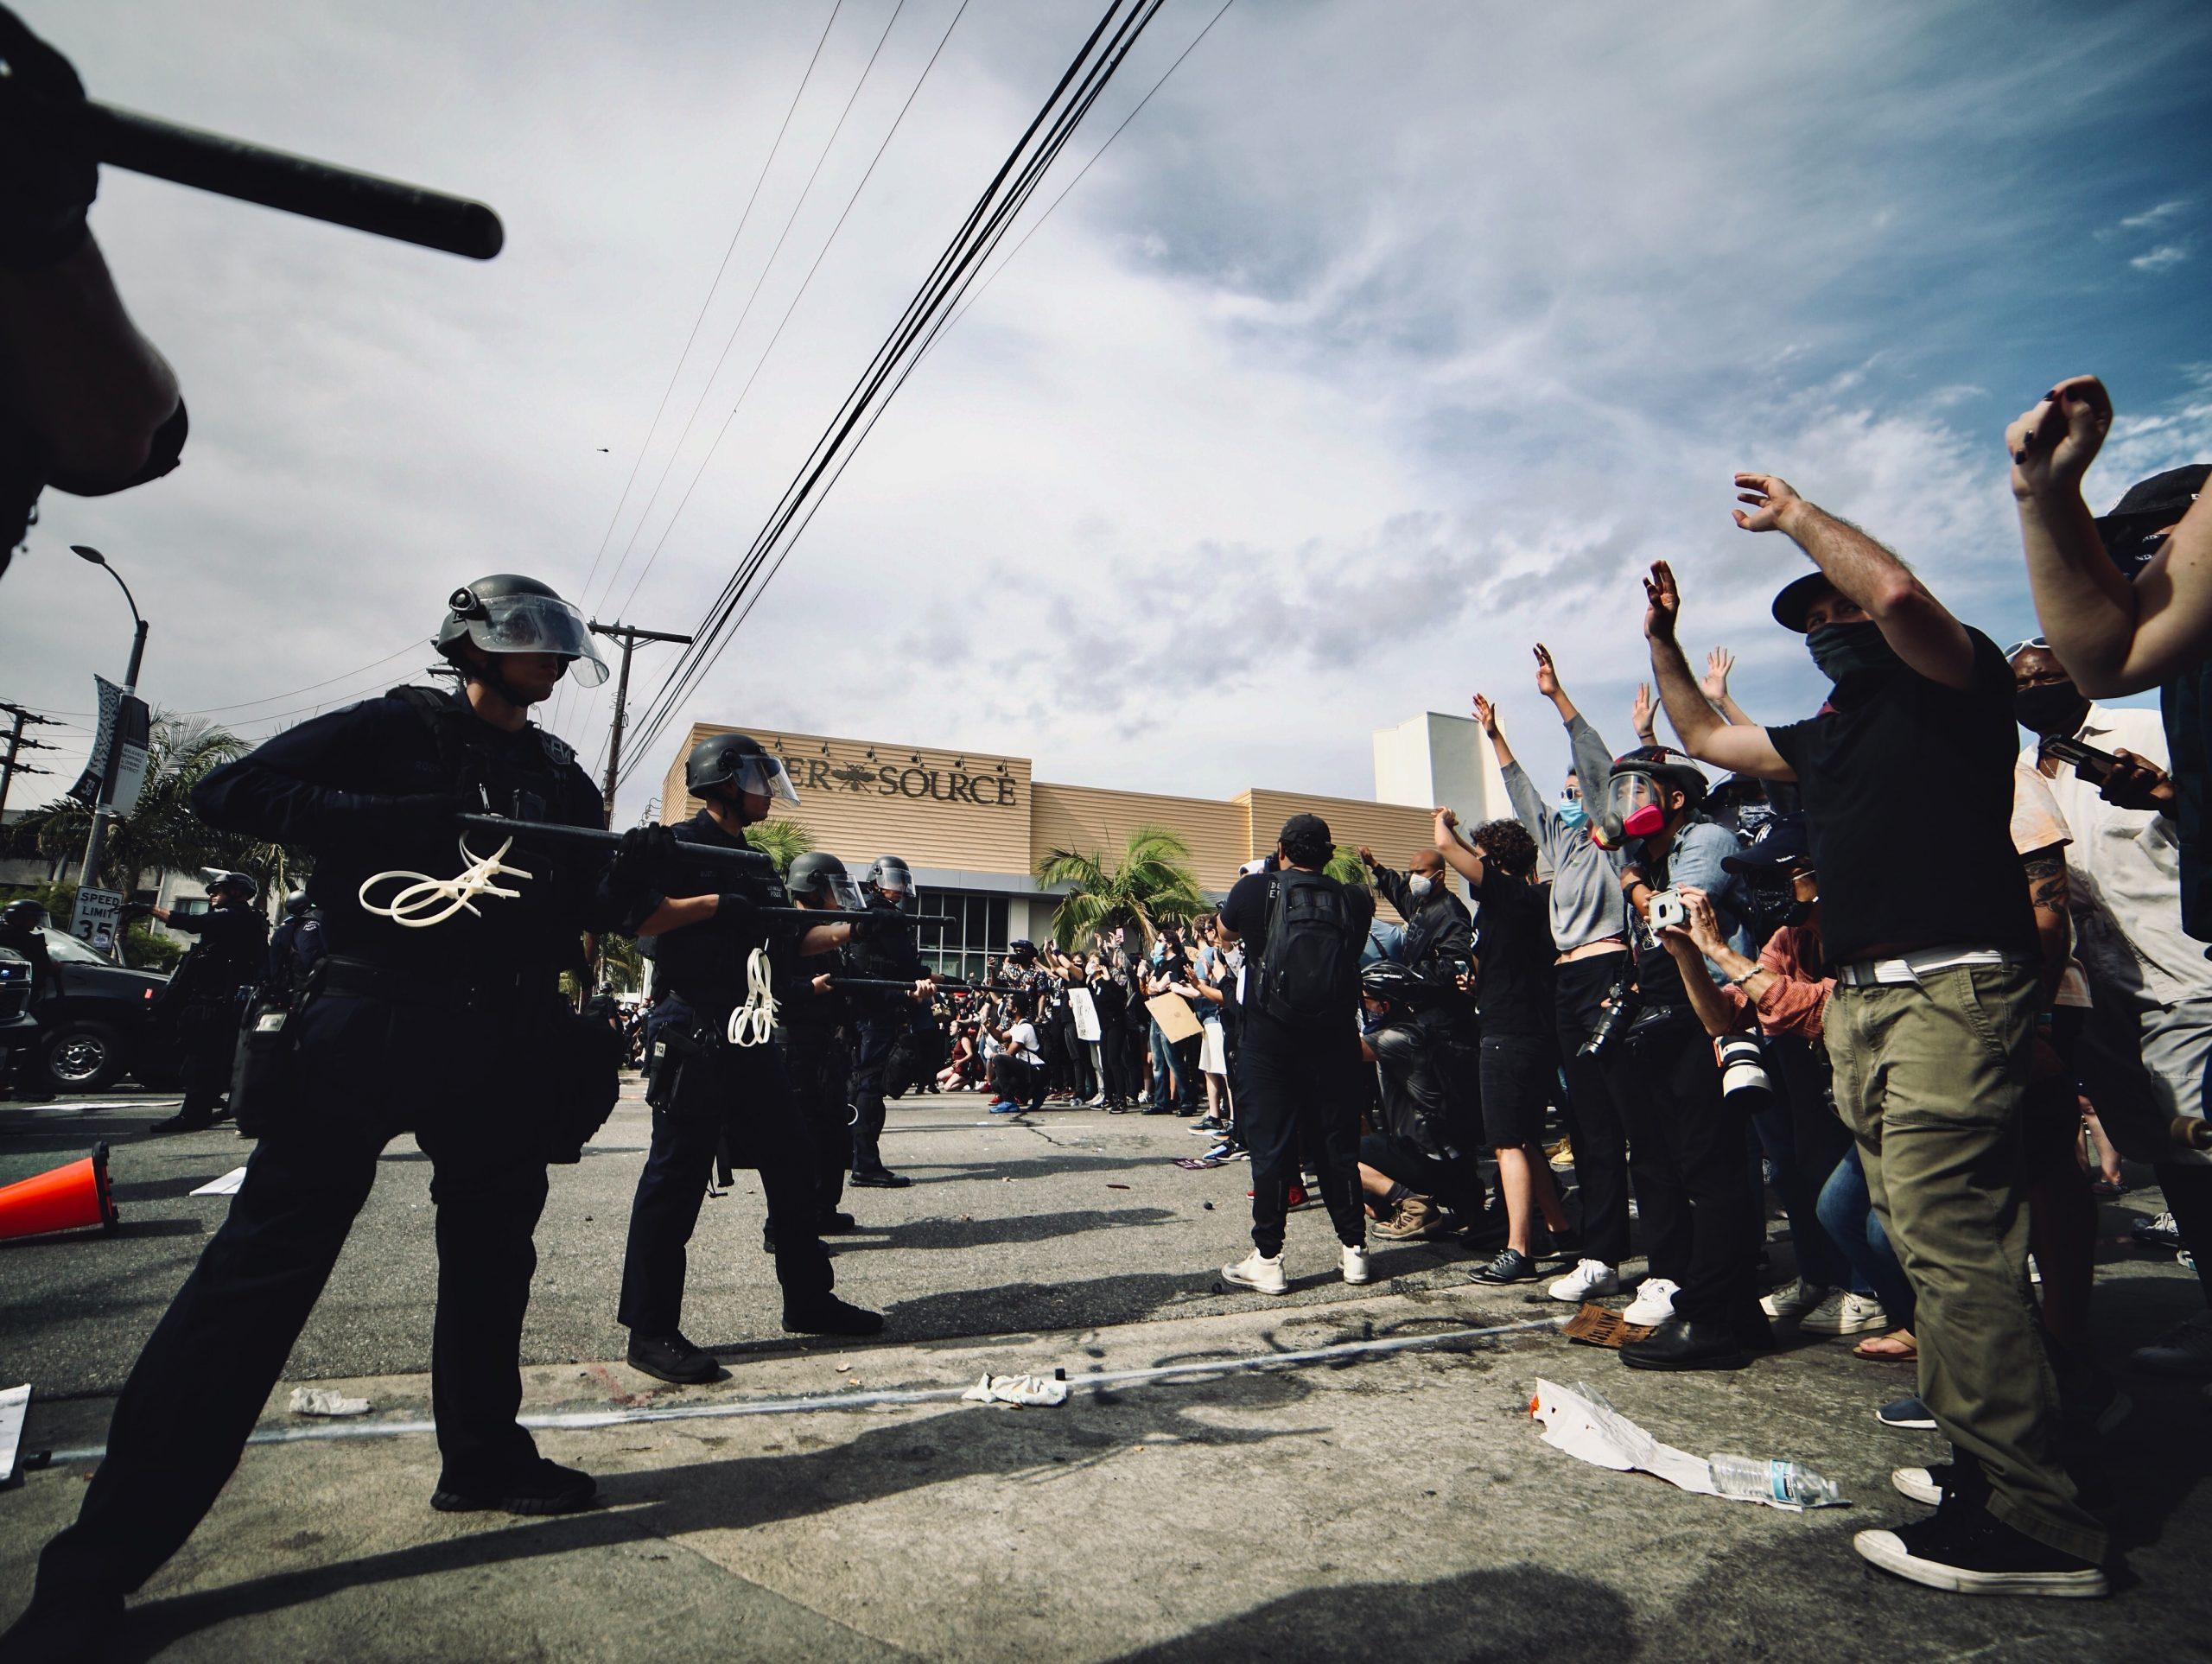 特別寄稿:ネット上でせめぎ合う抗議活動のデマと真実